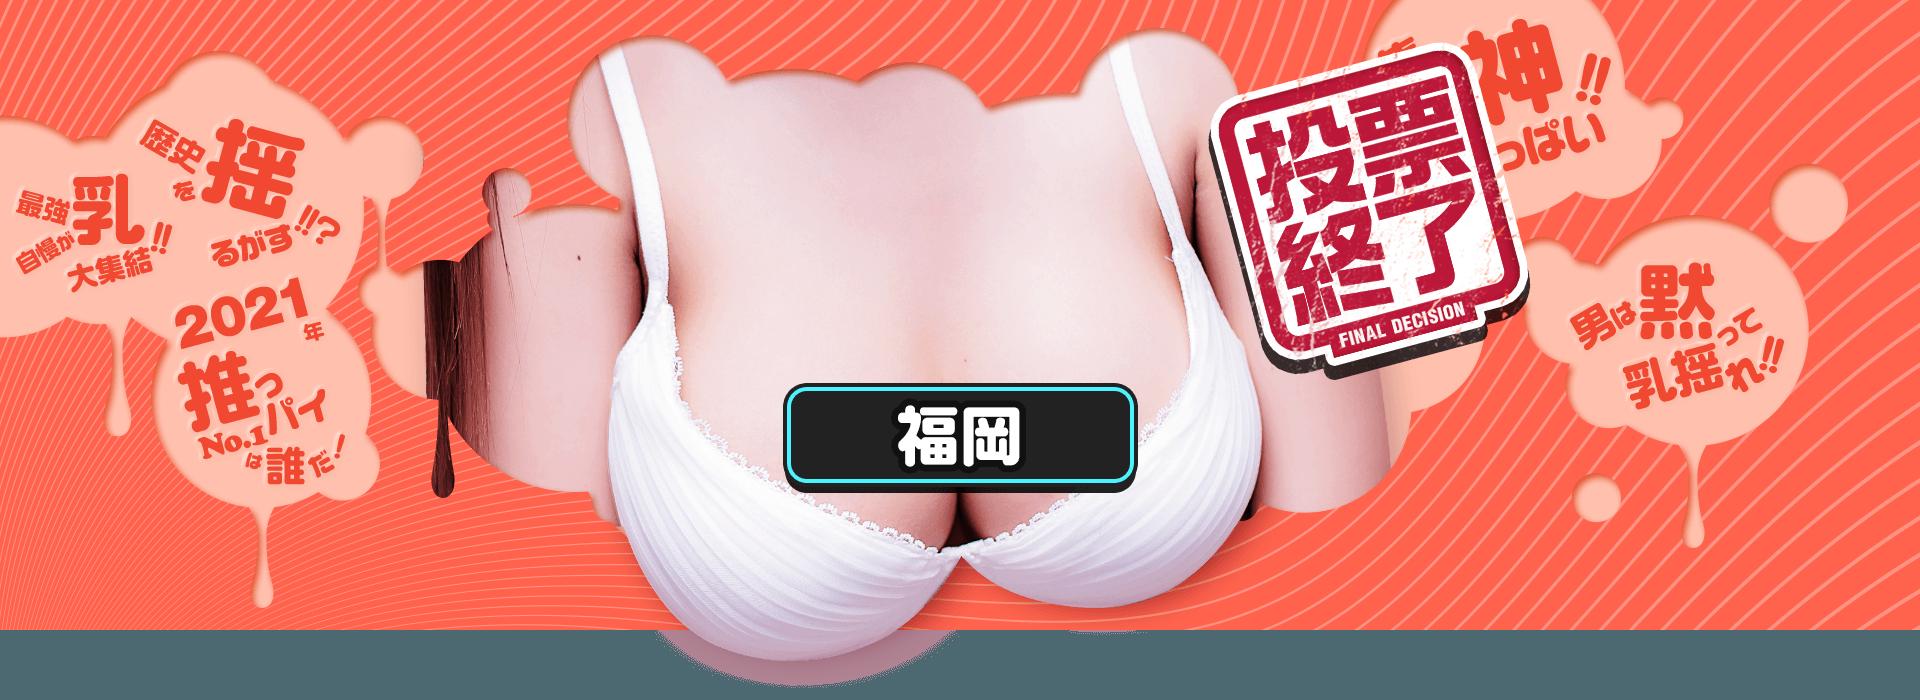 第5弾駅ちか乳揺れ選手権(福岡)